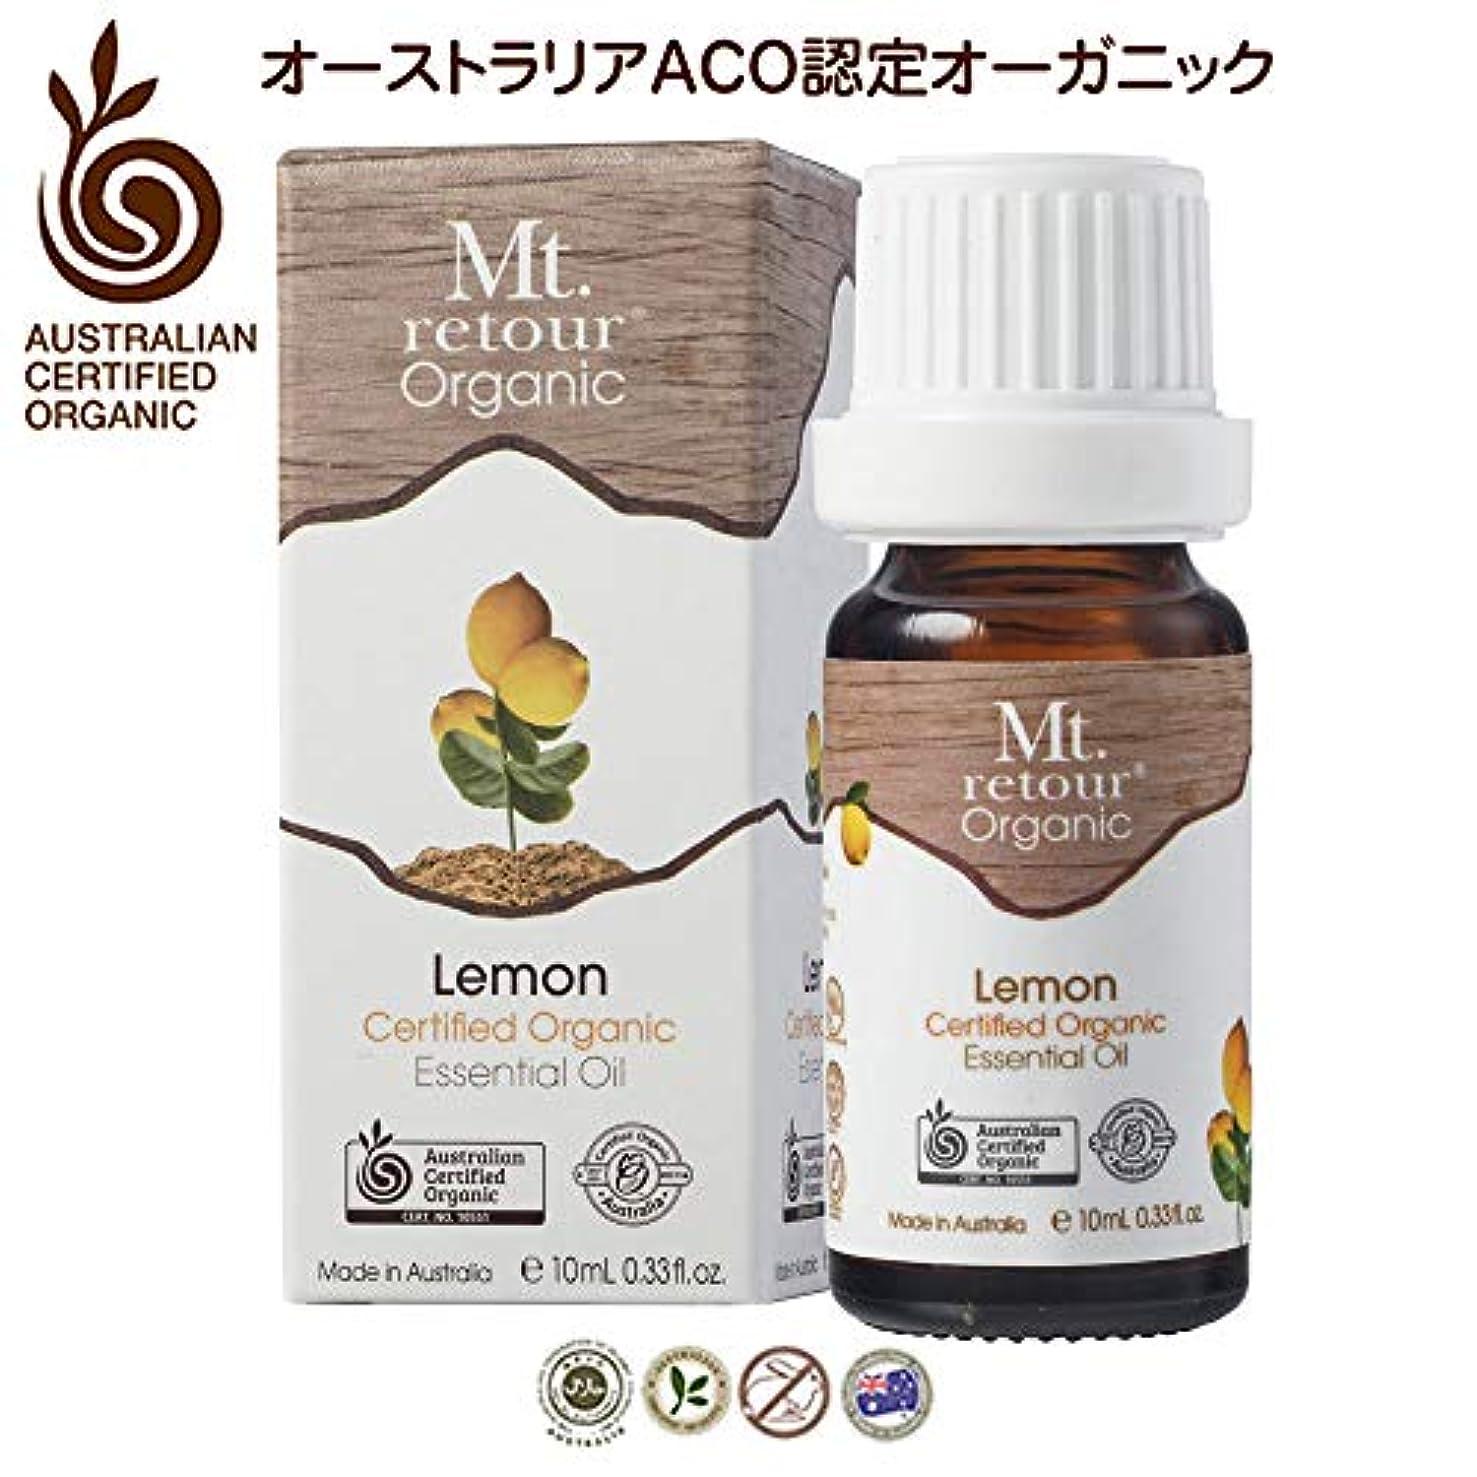 火山学効率挑発するMt. retour ACO認定オーガニック レモン 10ml エッセンシャルオイル(無農薬有機栽培)アロマ